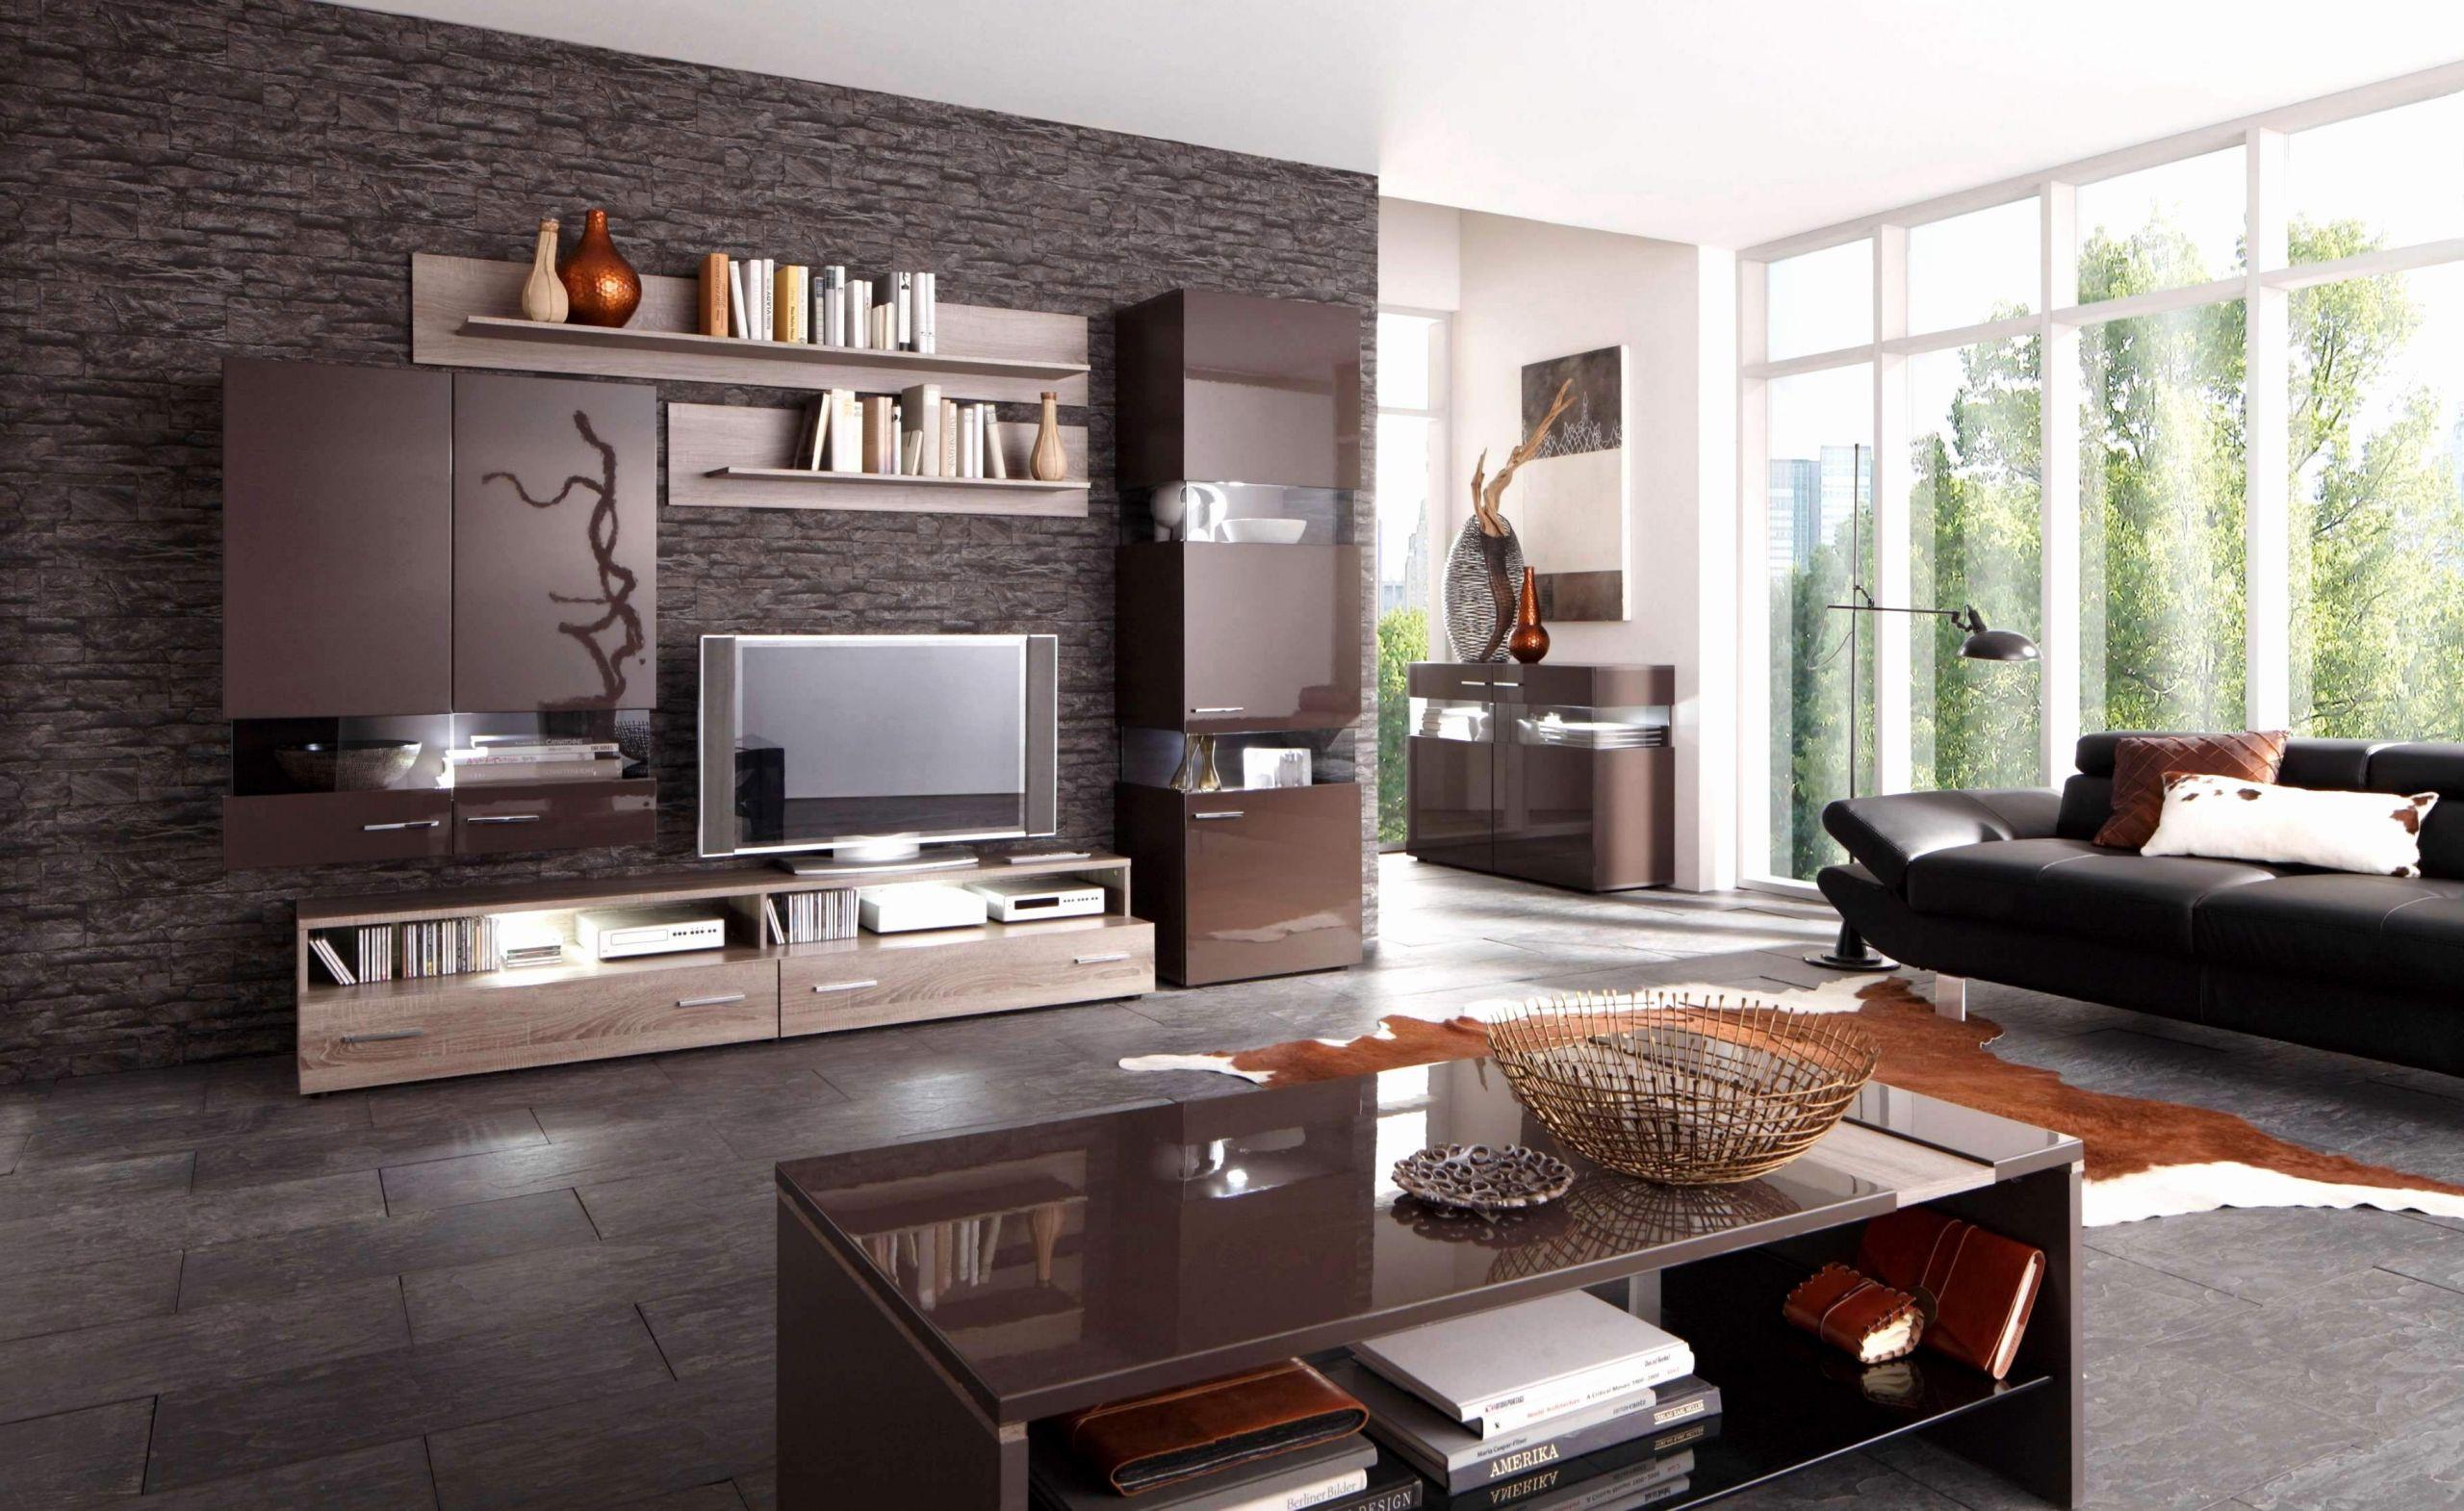 ideen furs wohnzimmer neu top dekoration furs wohnzimmer pics hiketoframe of ideen furs wohnzimmer 1